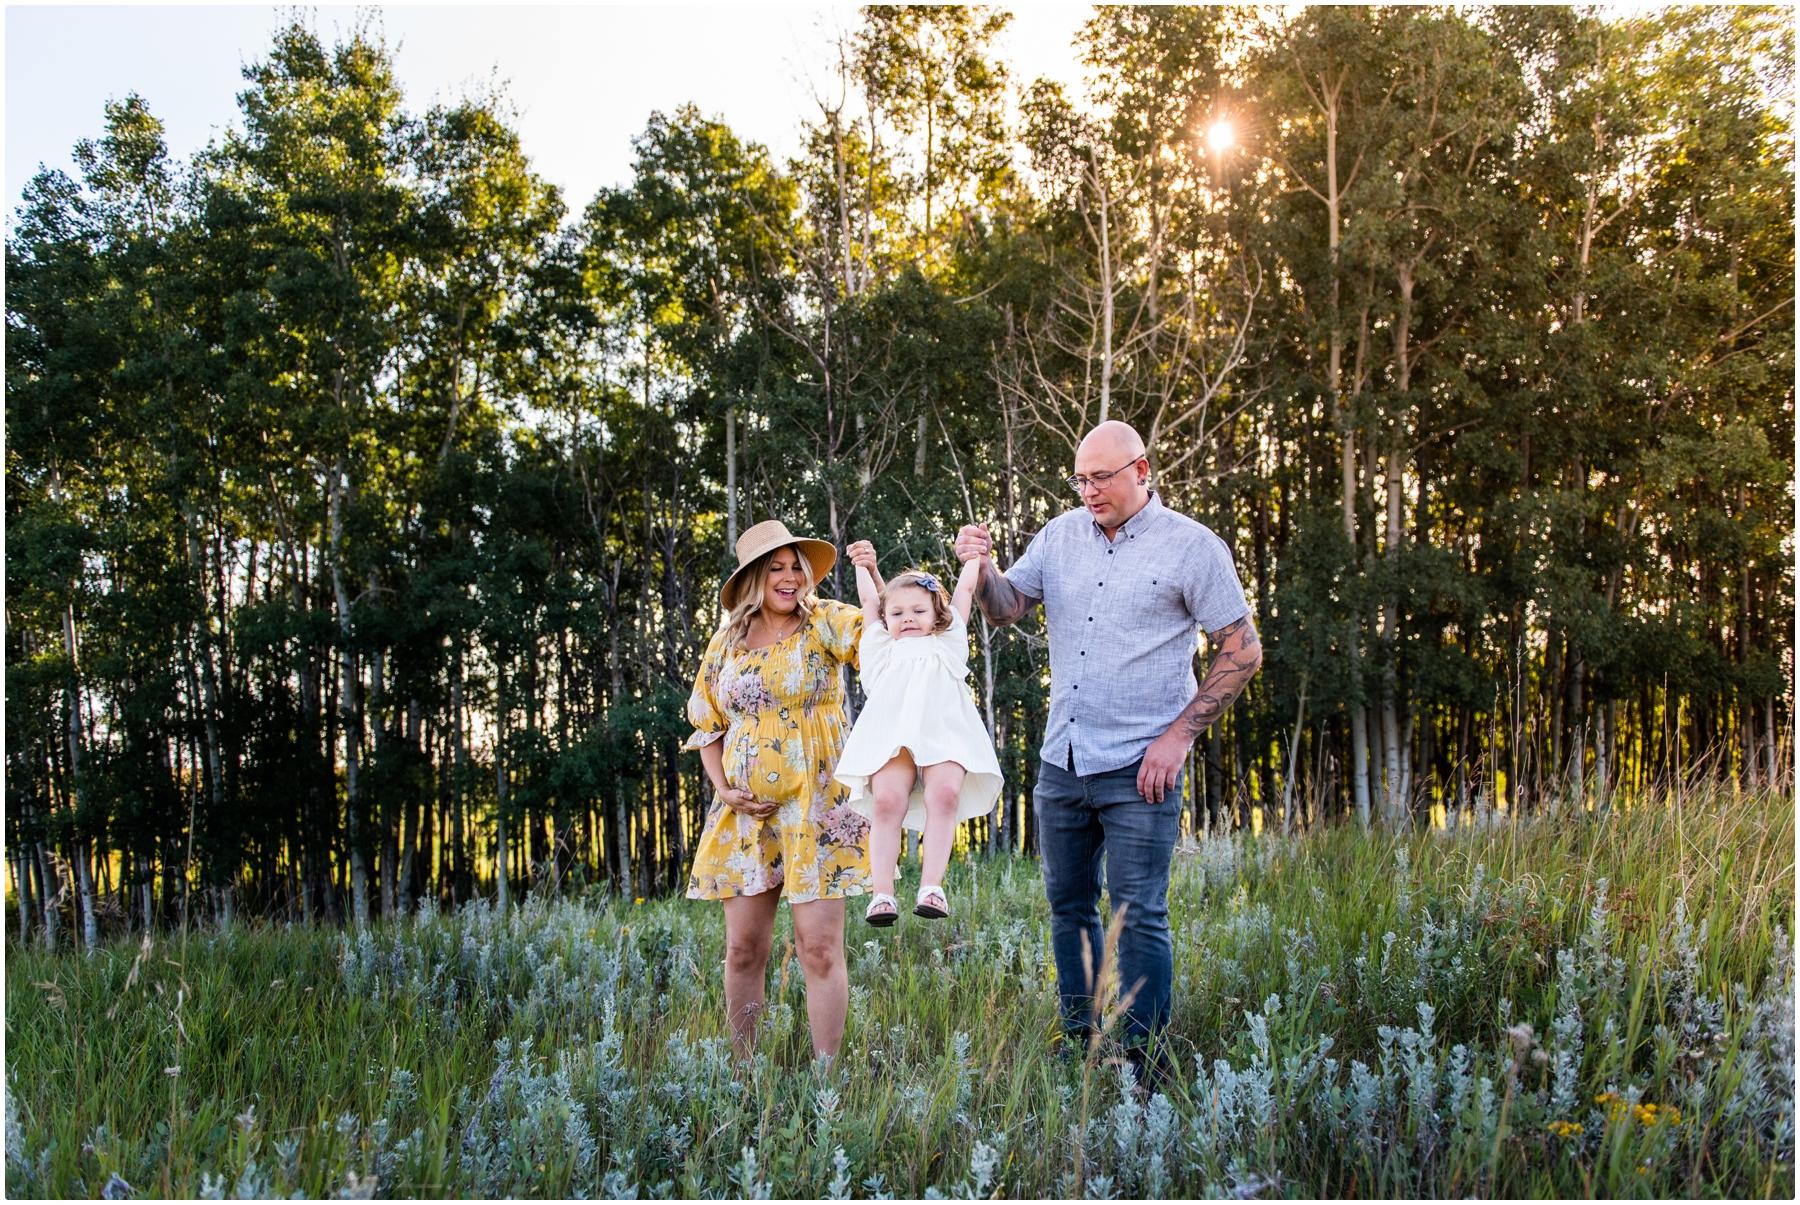 Dewinton Family Photographer